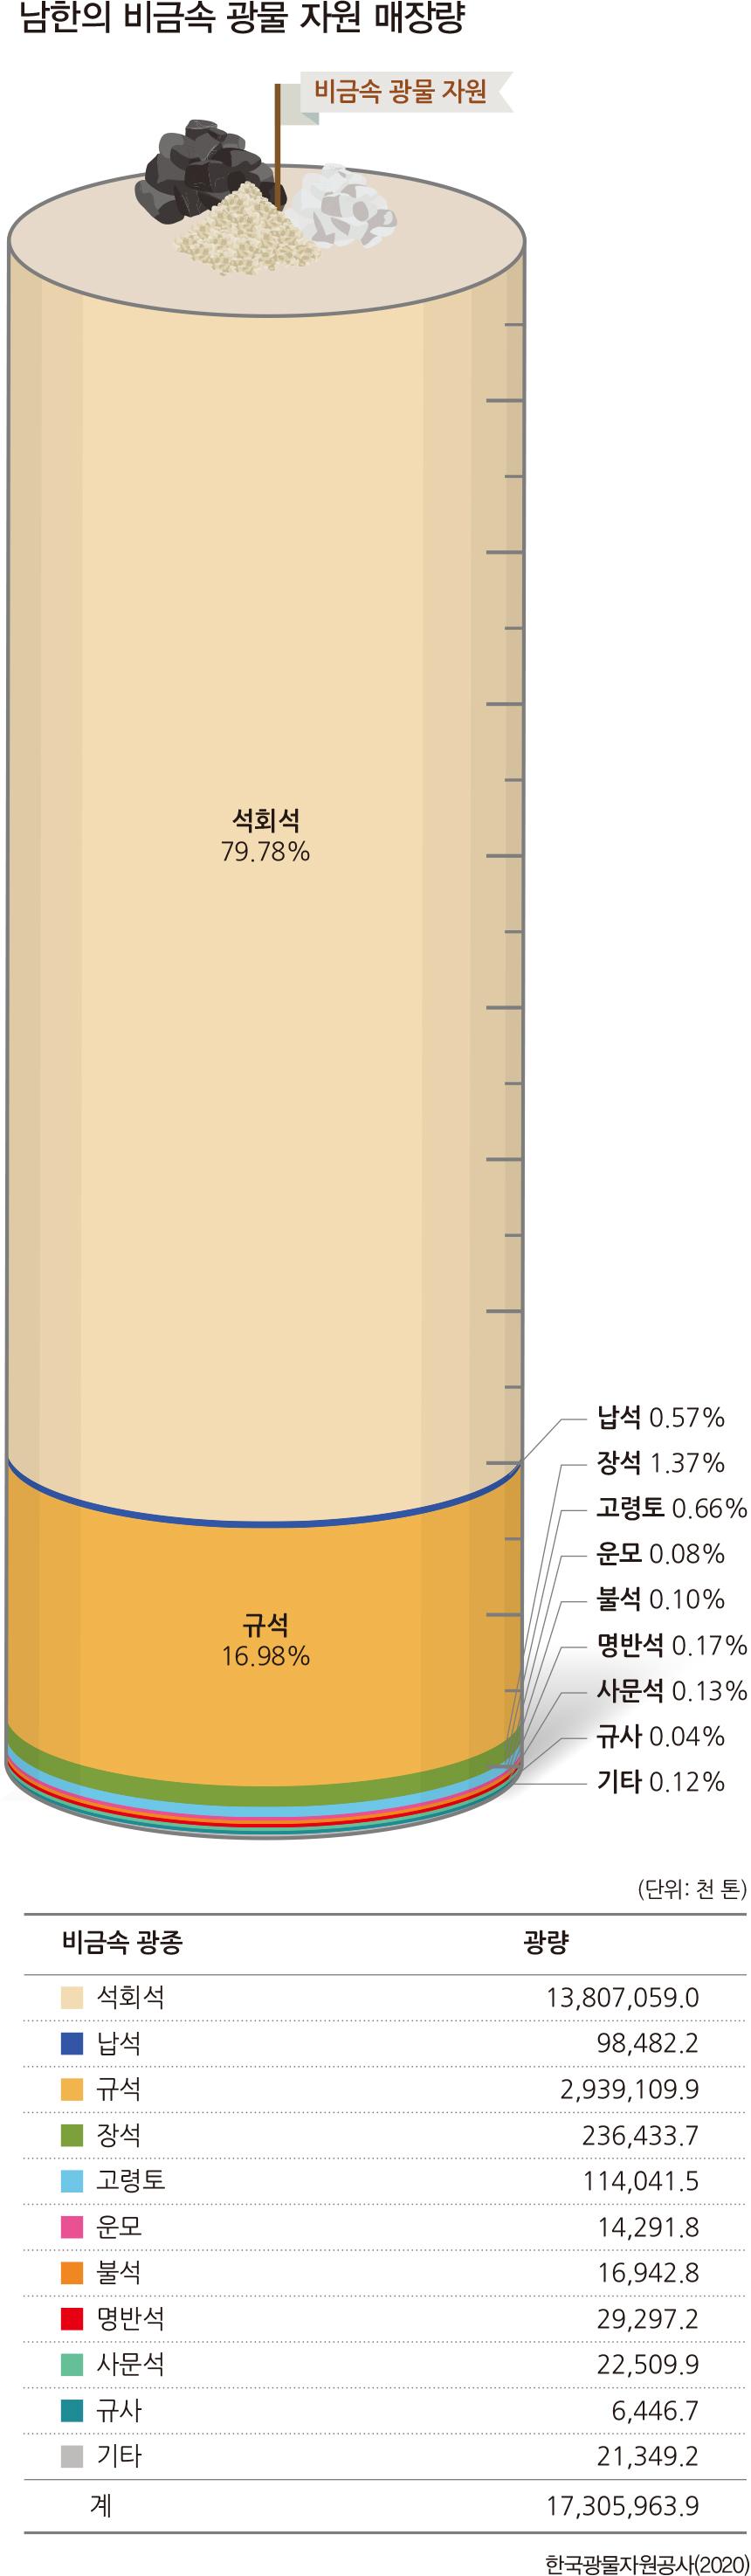 남한의 비금속 광물 자원 매장량